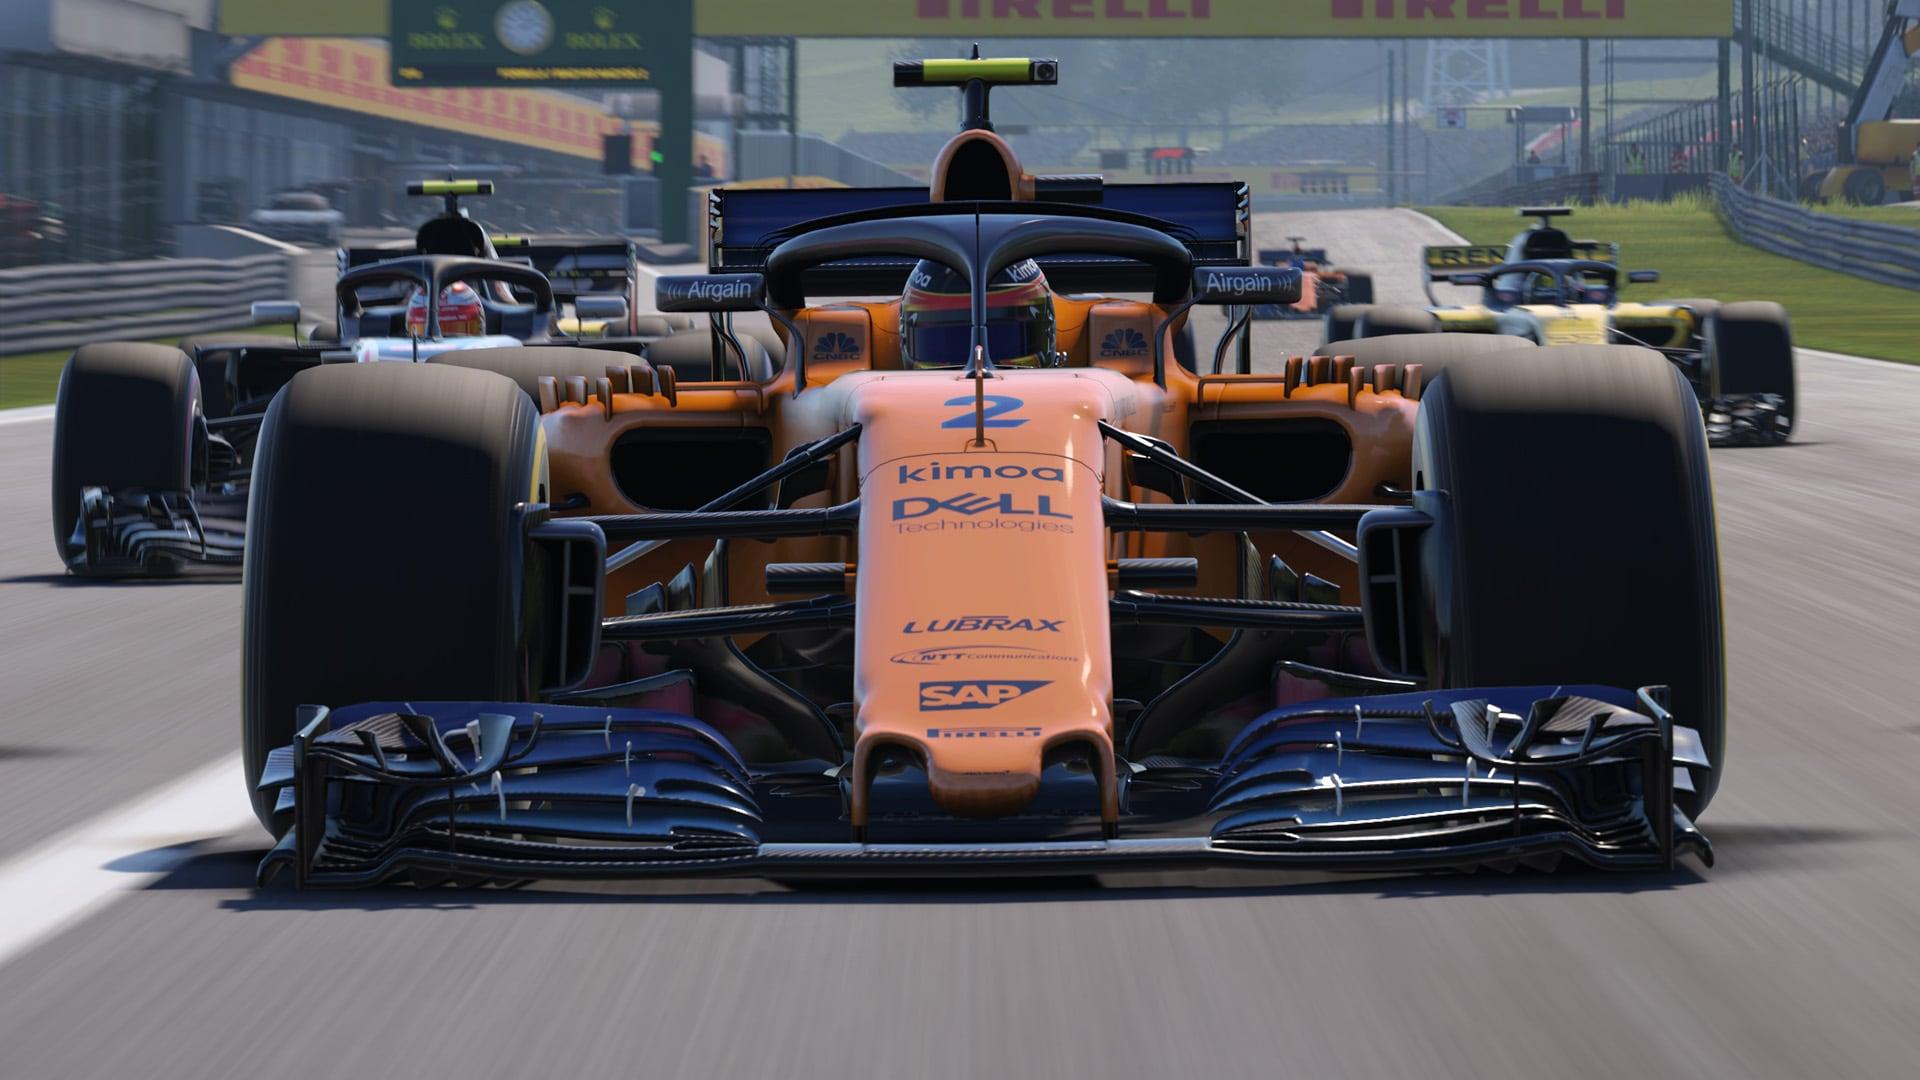 F1 2018 Screenshot (11)